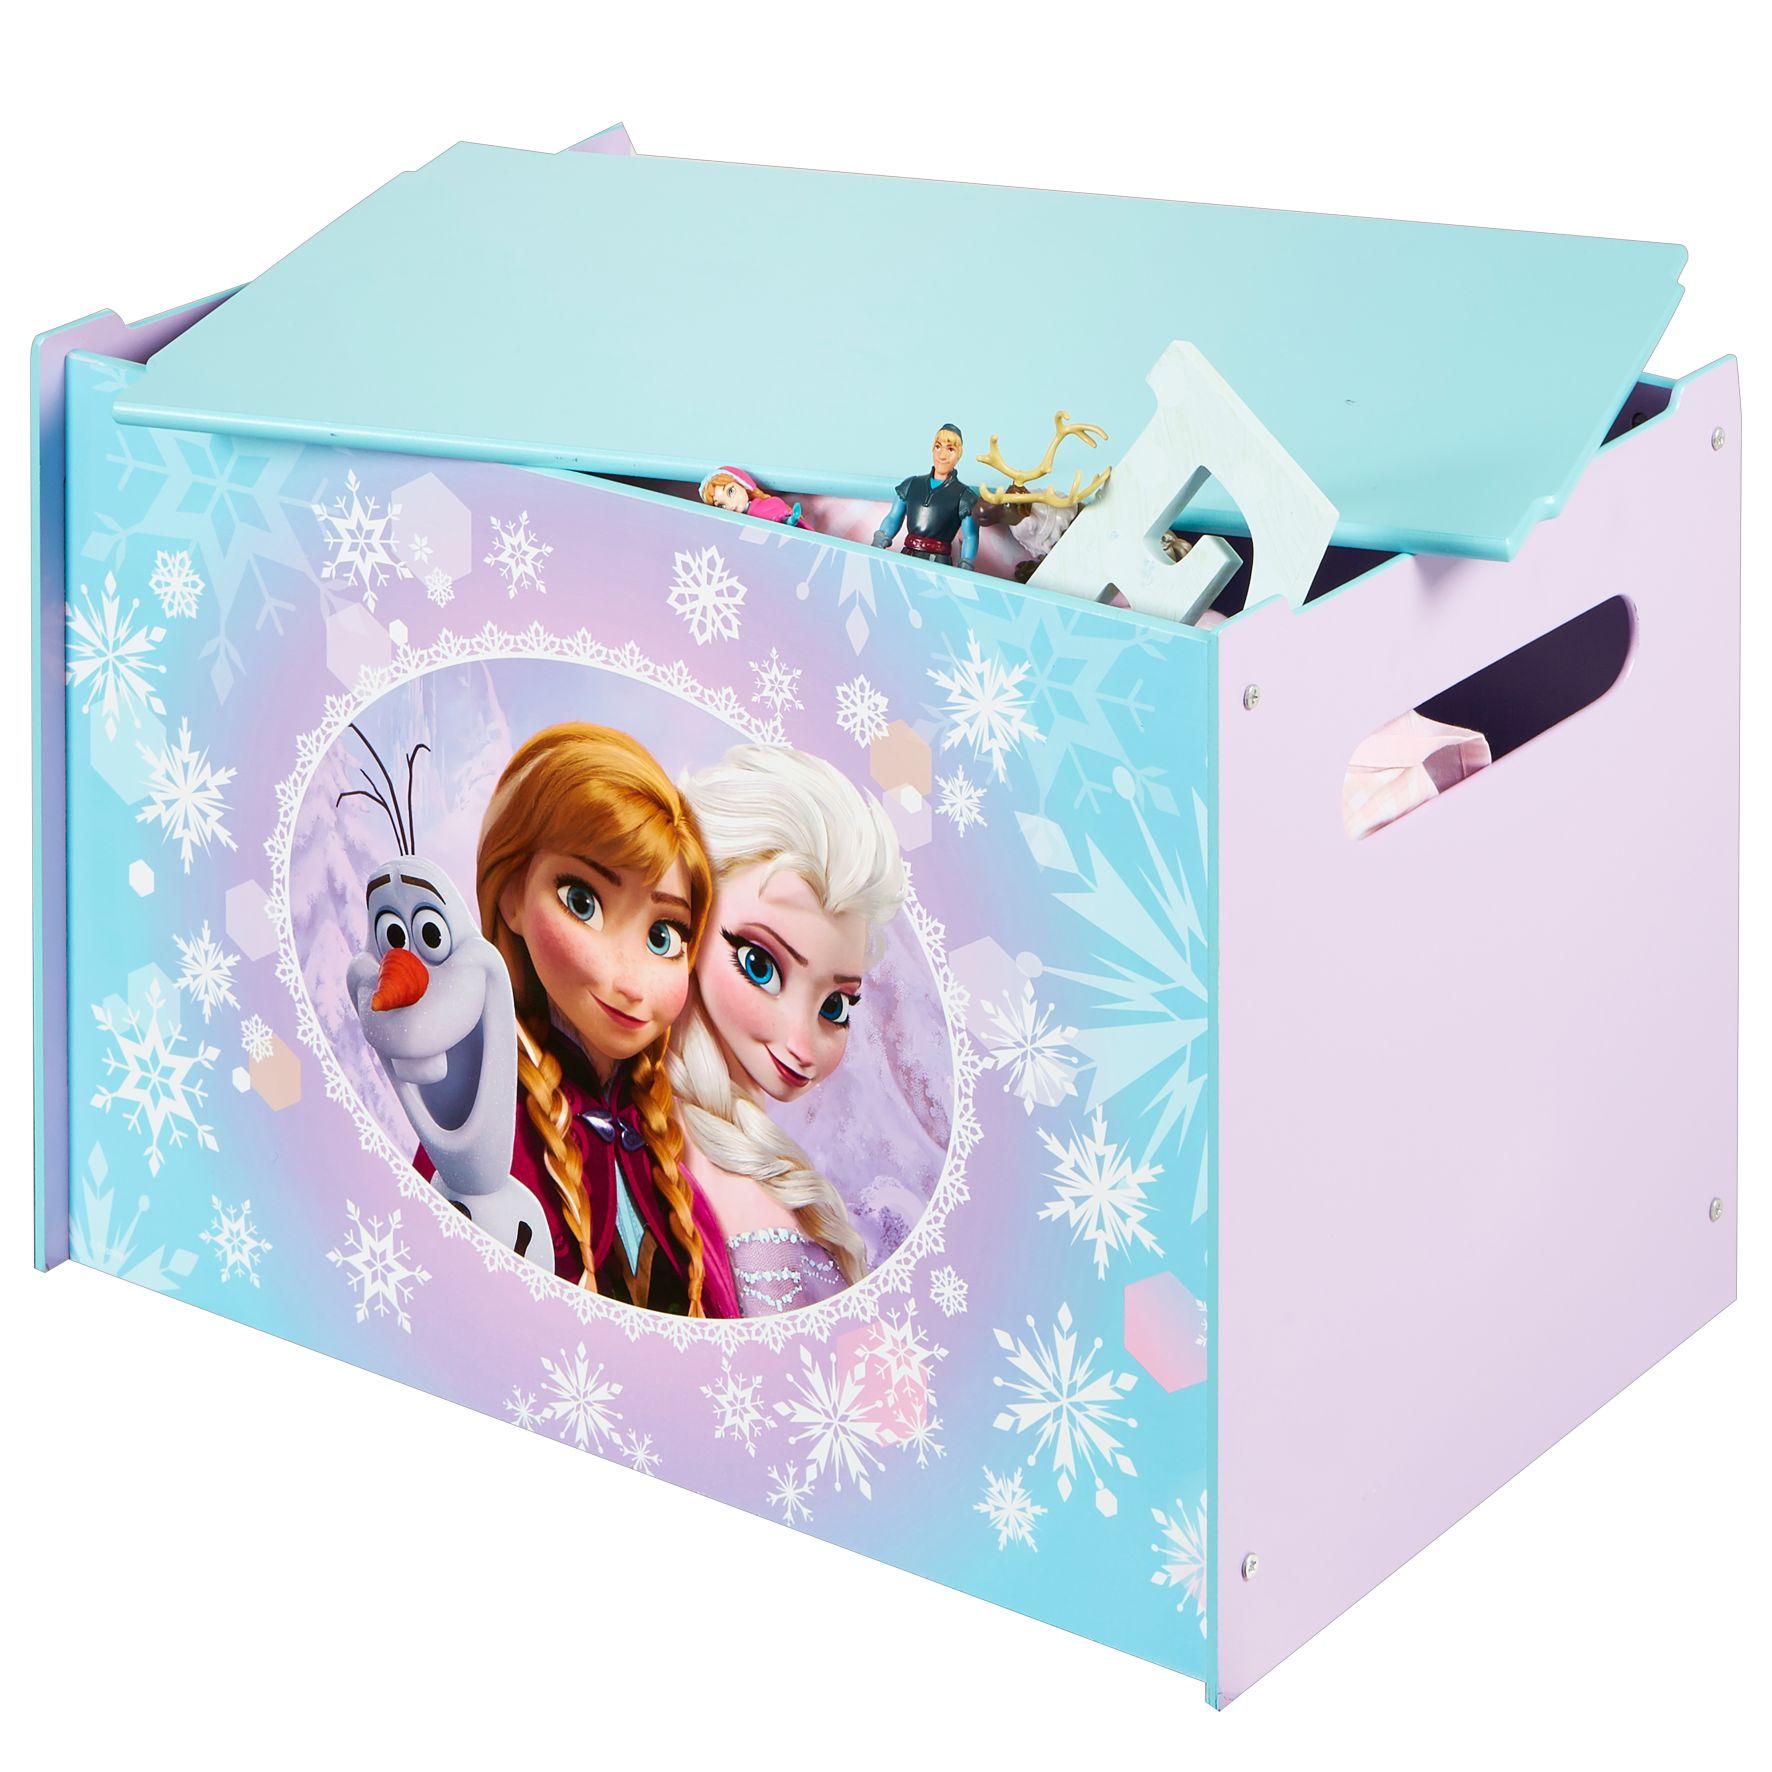 Speelgoedkist Hout Frozen: 60x40x40 Cm Per stuk